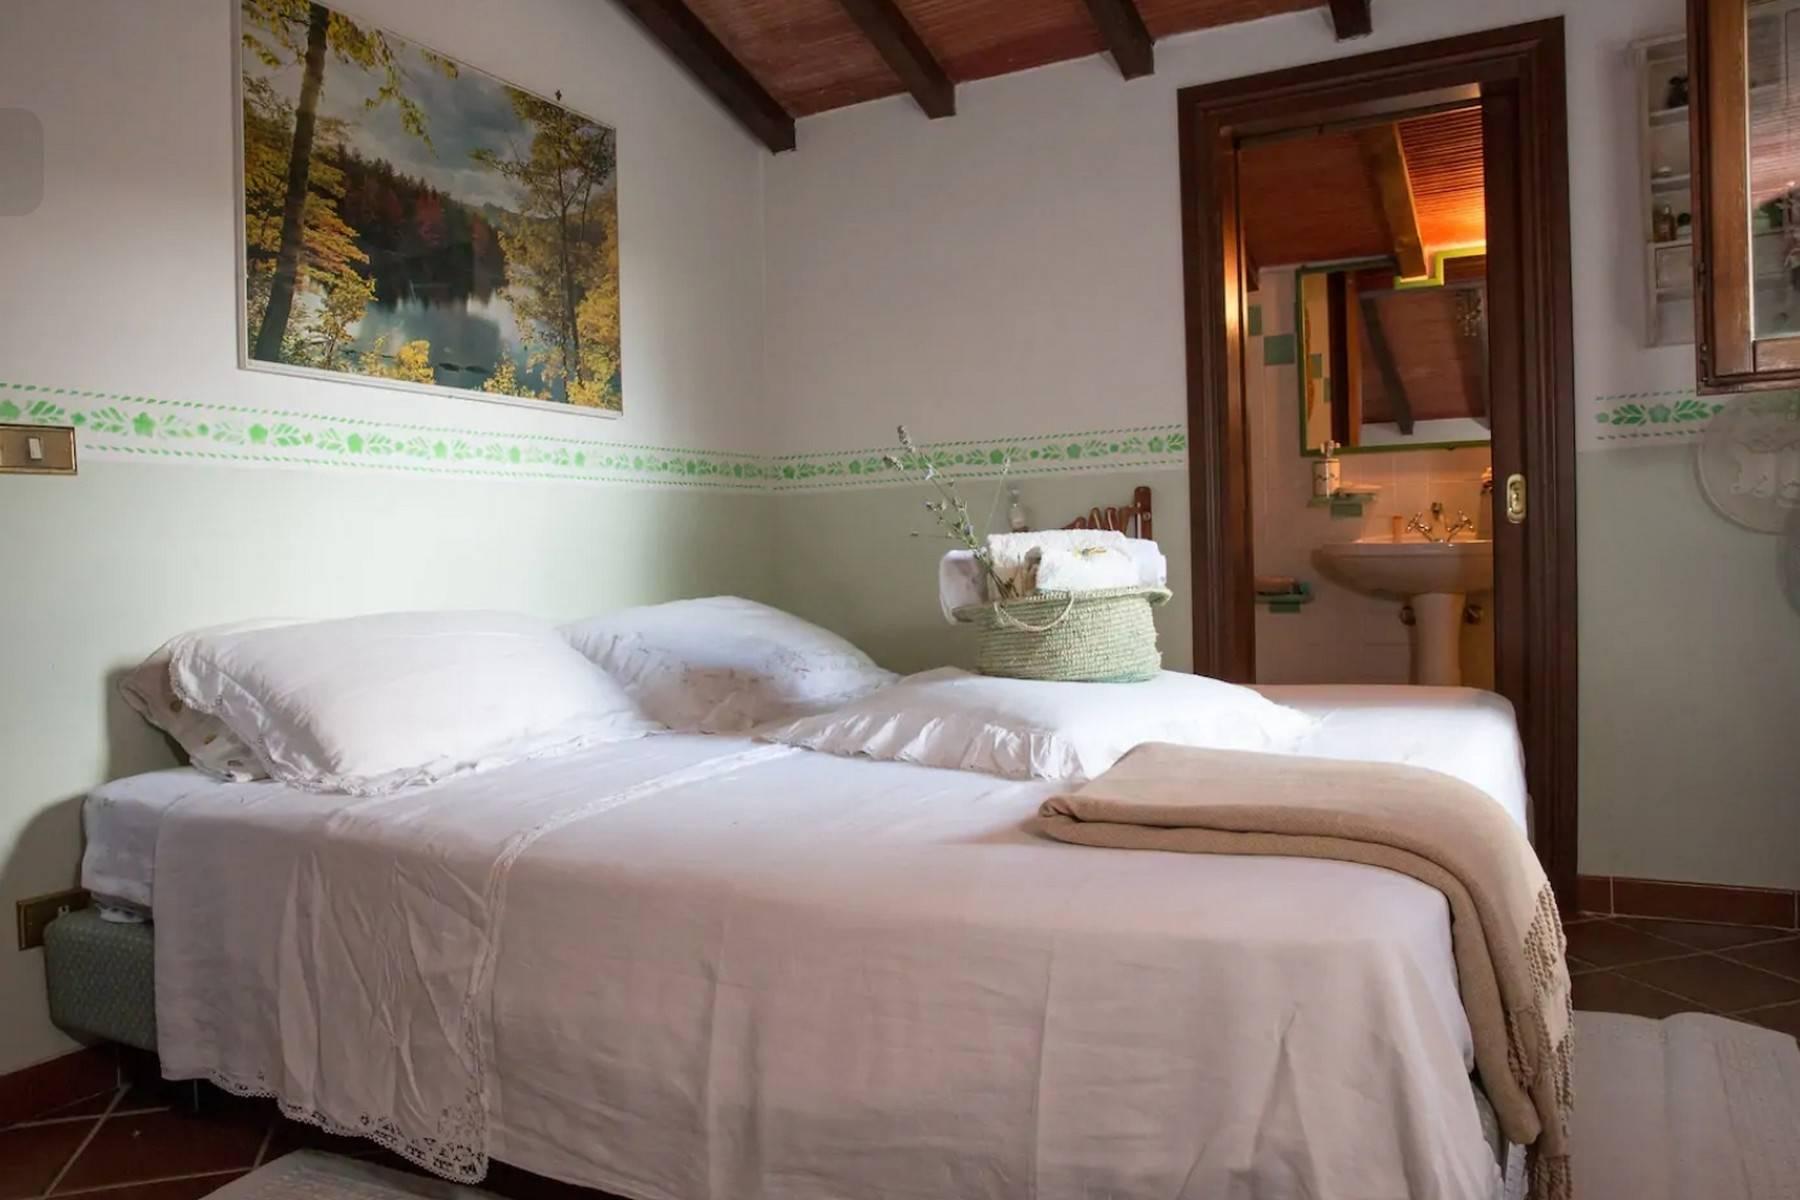 Rustico in Vendita a Capalbio: 5 locali, 170 mq - Foto 12